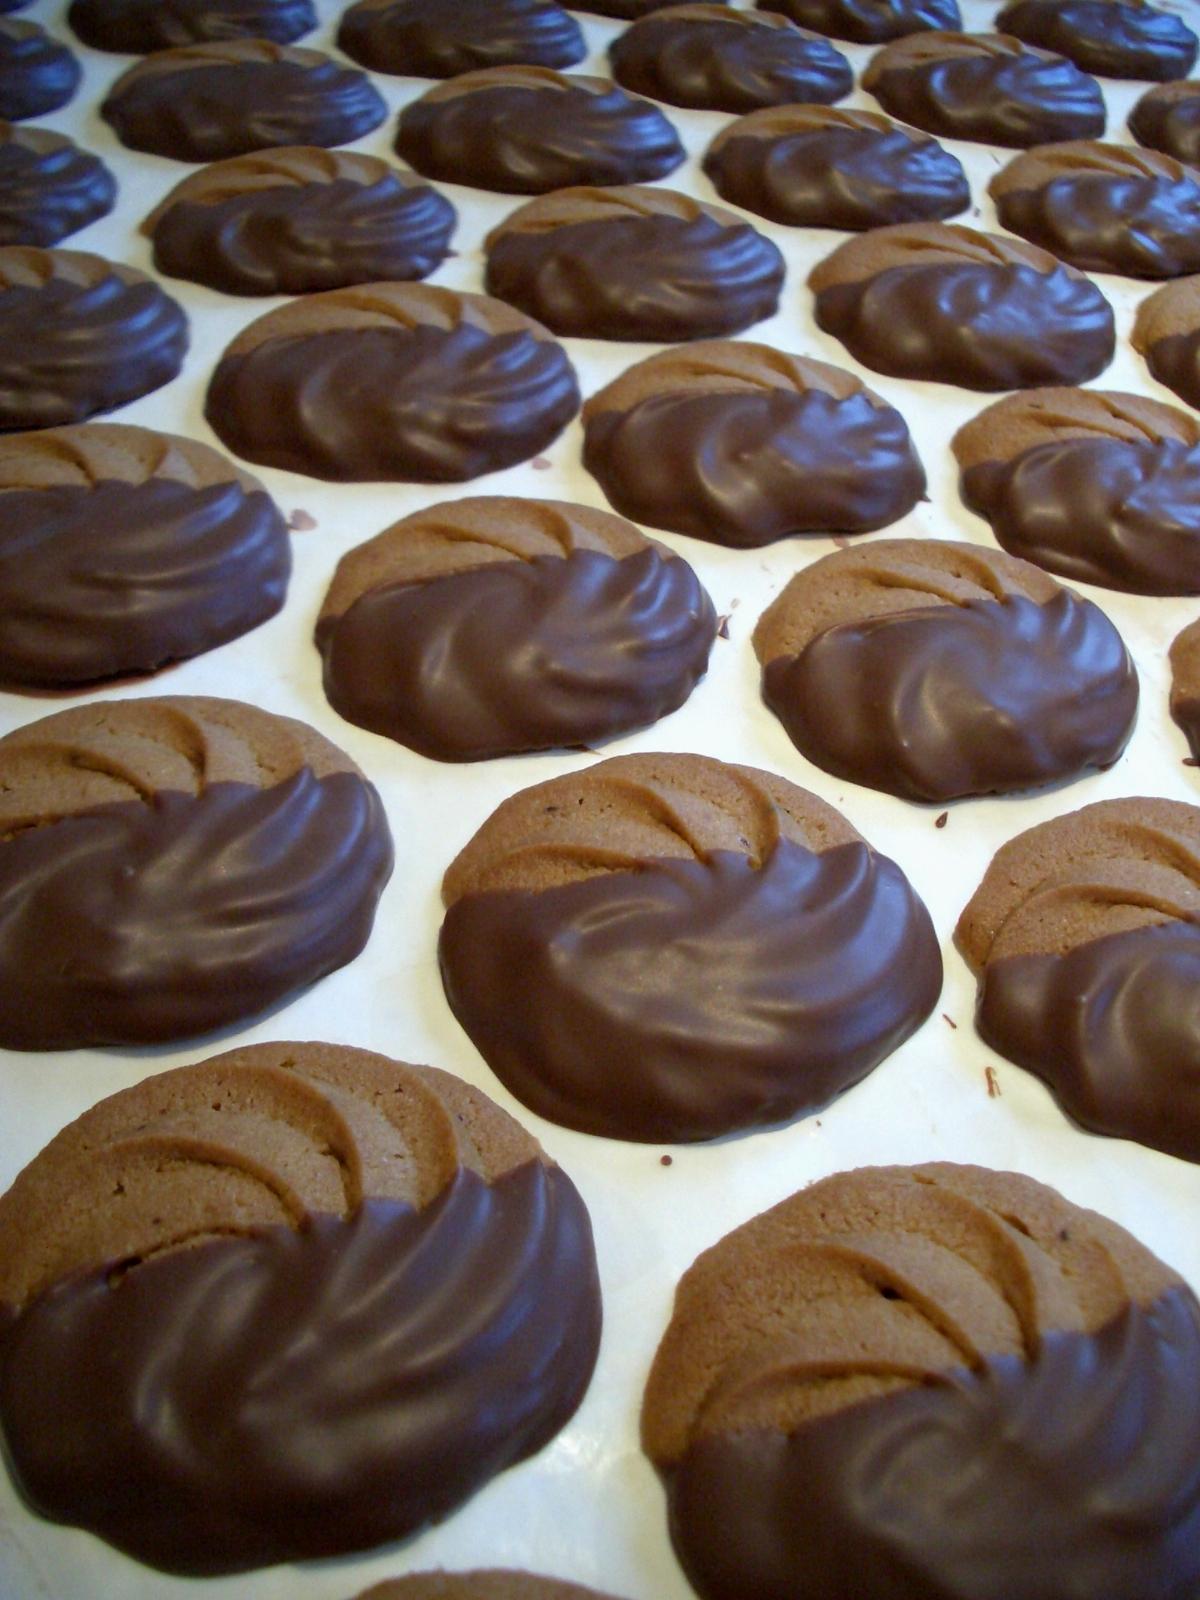 モカサブレチョコレートコーティング